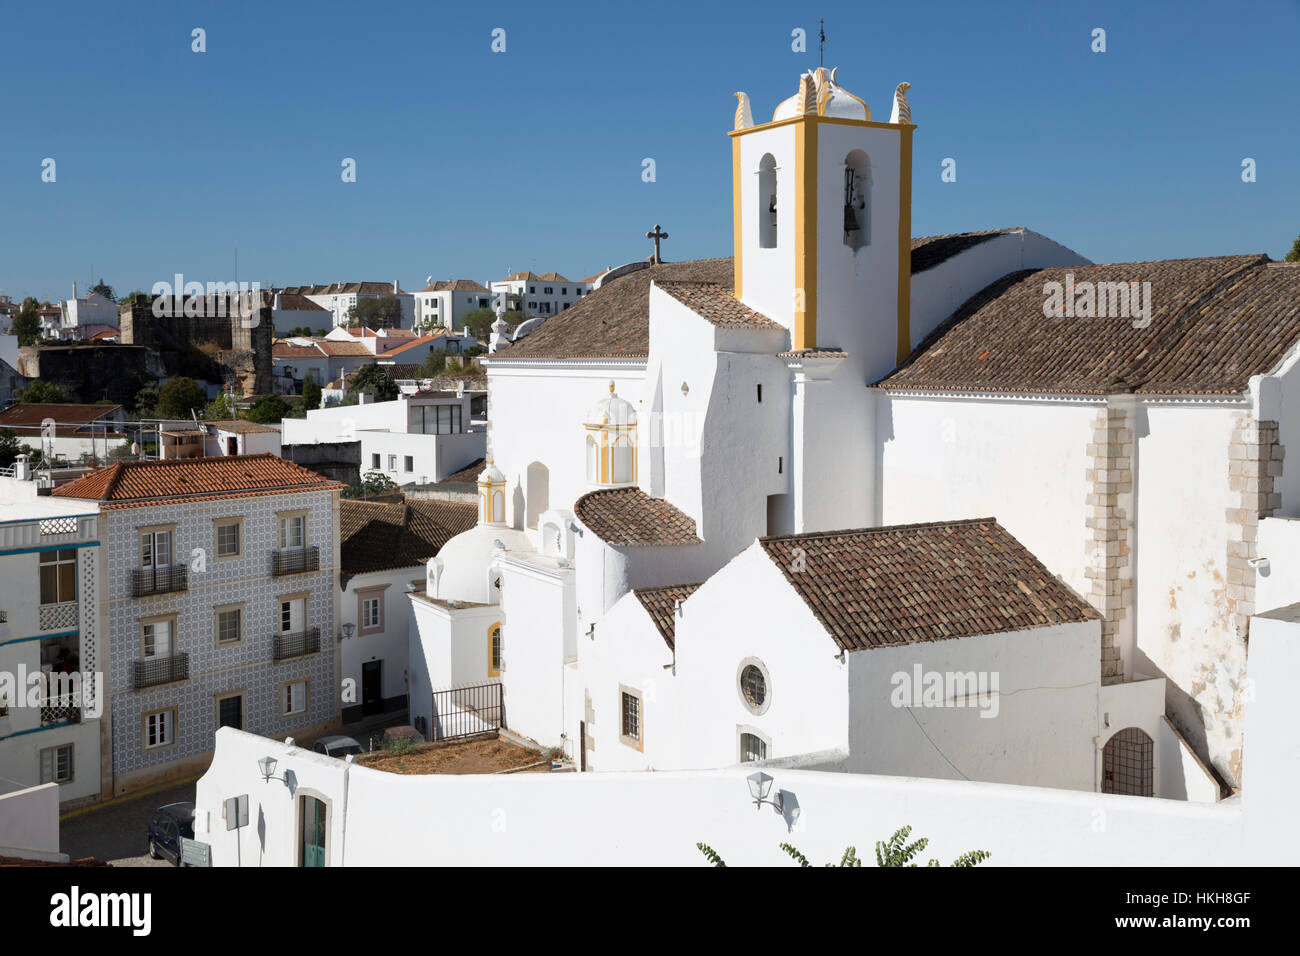 Igreja de Santiago church, Tavira, Algarve, Portugal, Europe - Stock Image